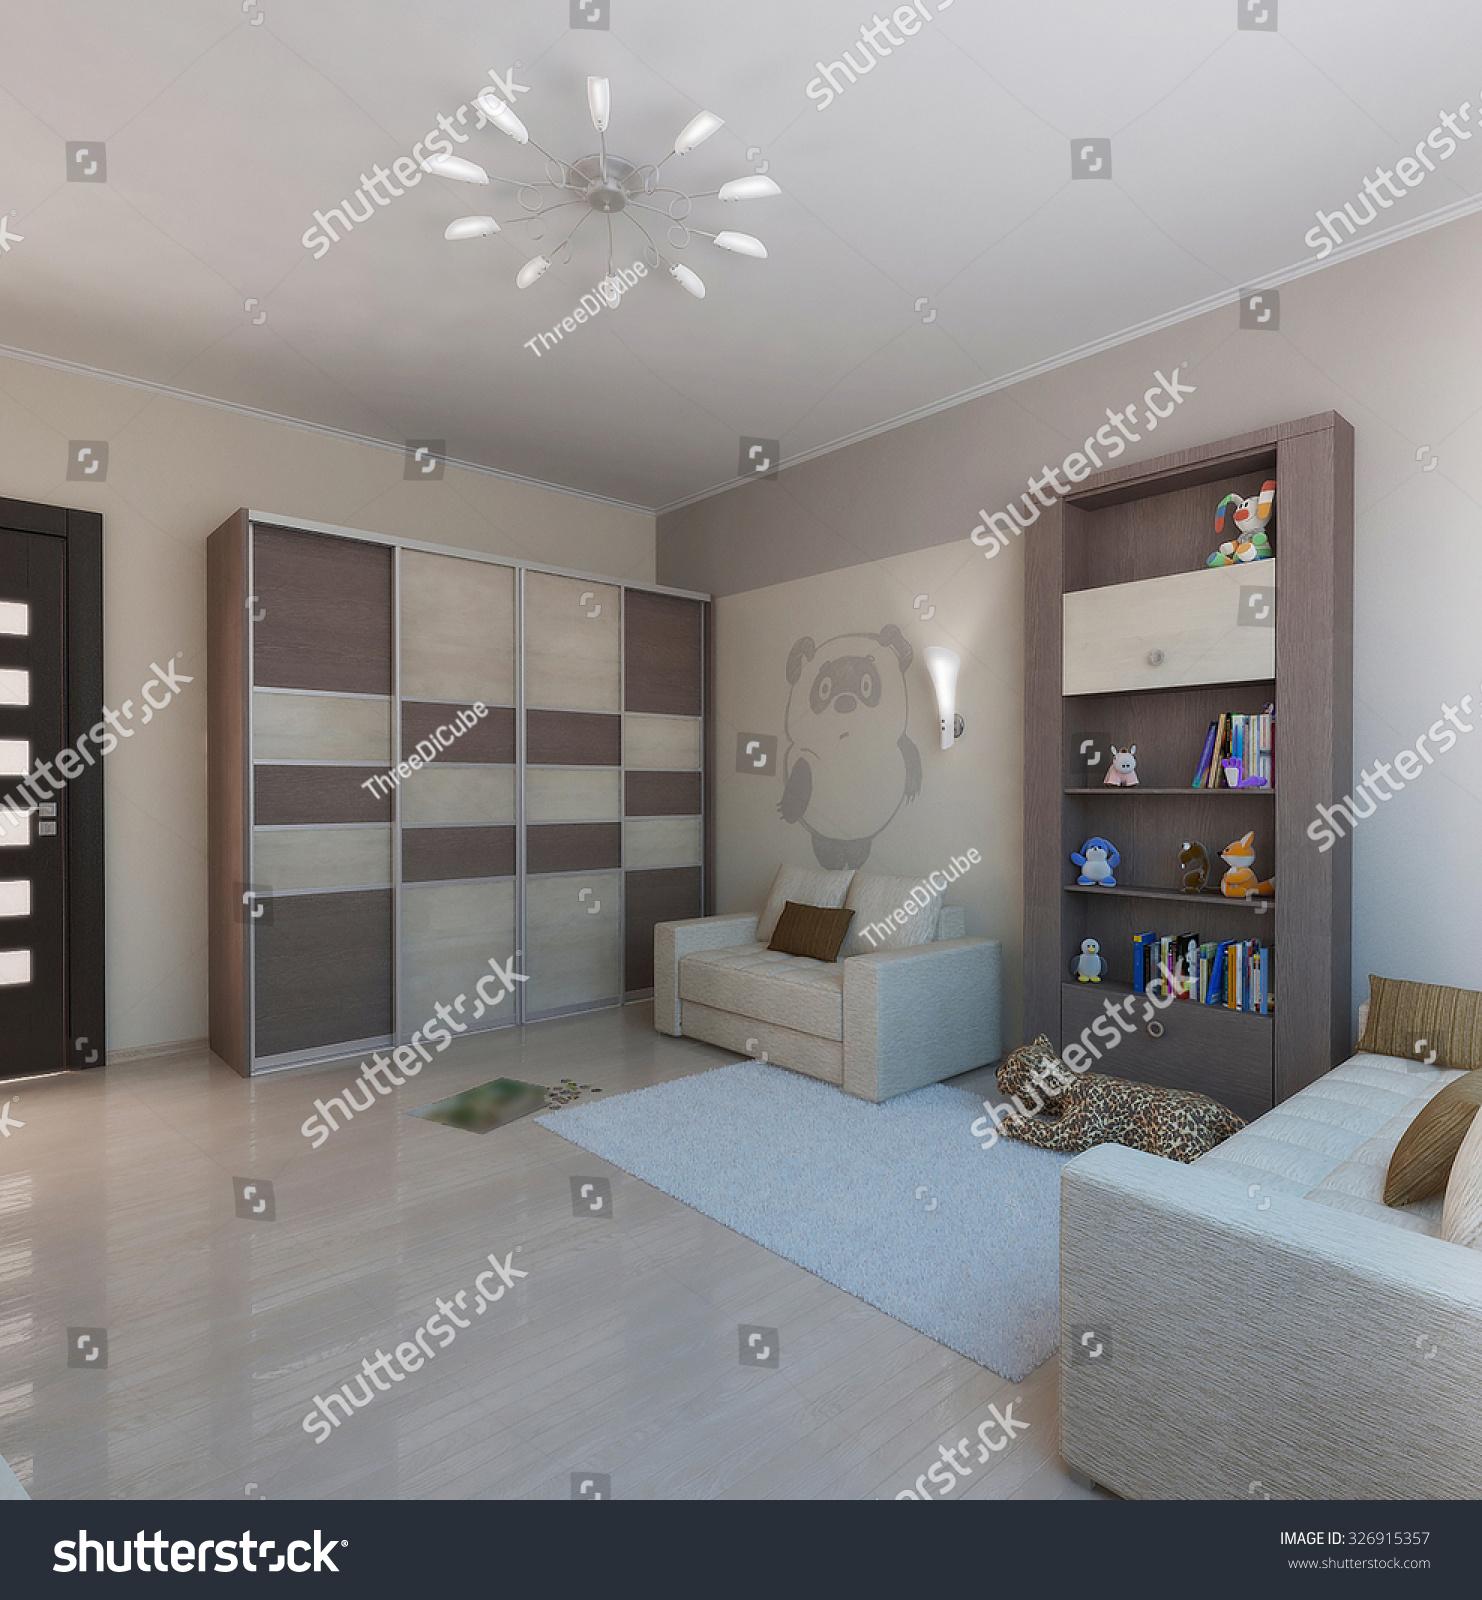 Exterior: Children Room Minimalist Style Interior Design, 3d Render